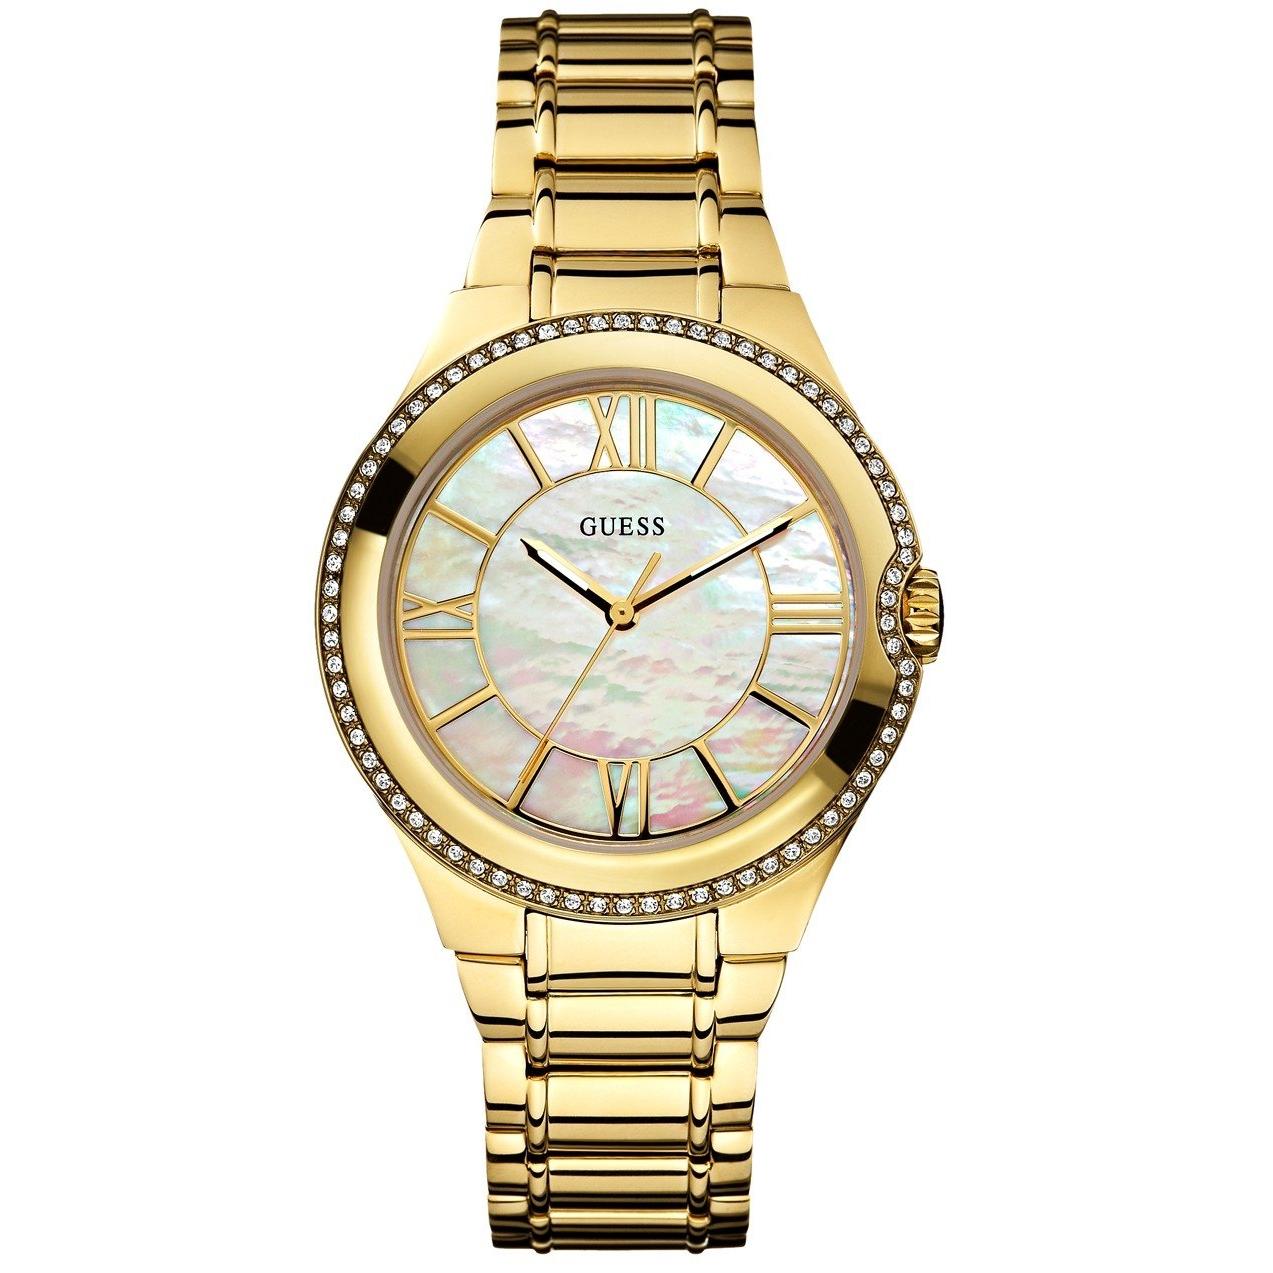 ساعت مچی عقربه ای زنانه گس مدل W0112L1 8